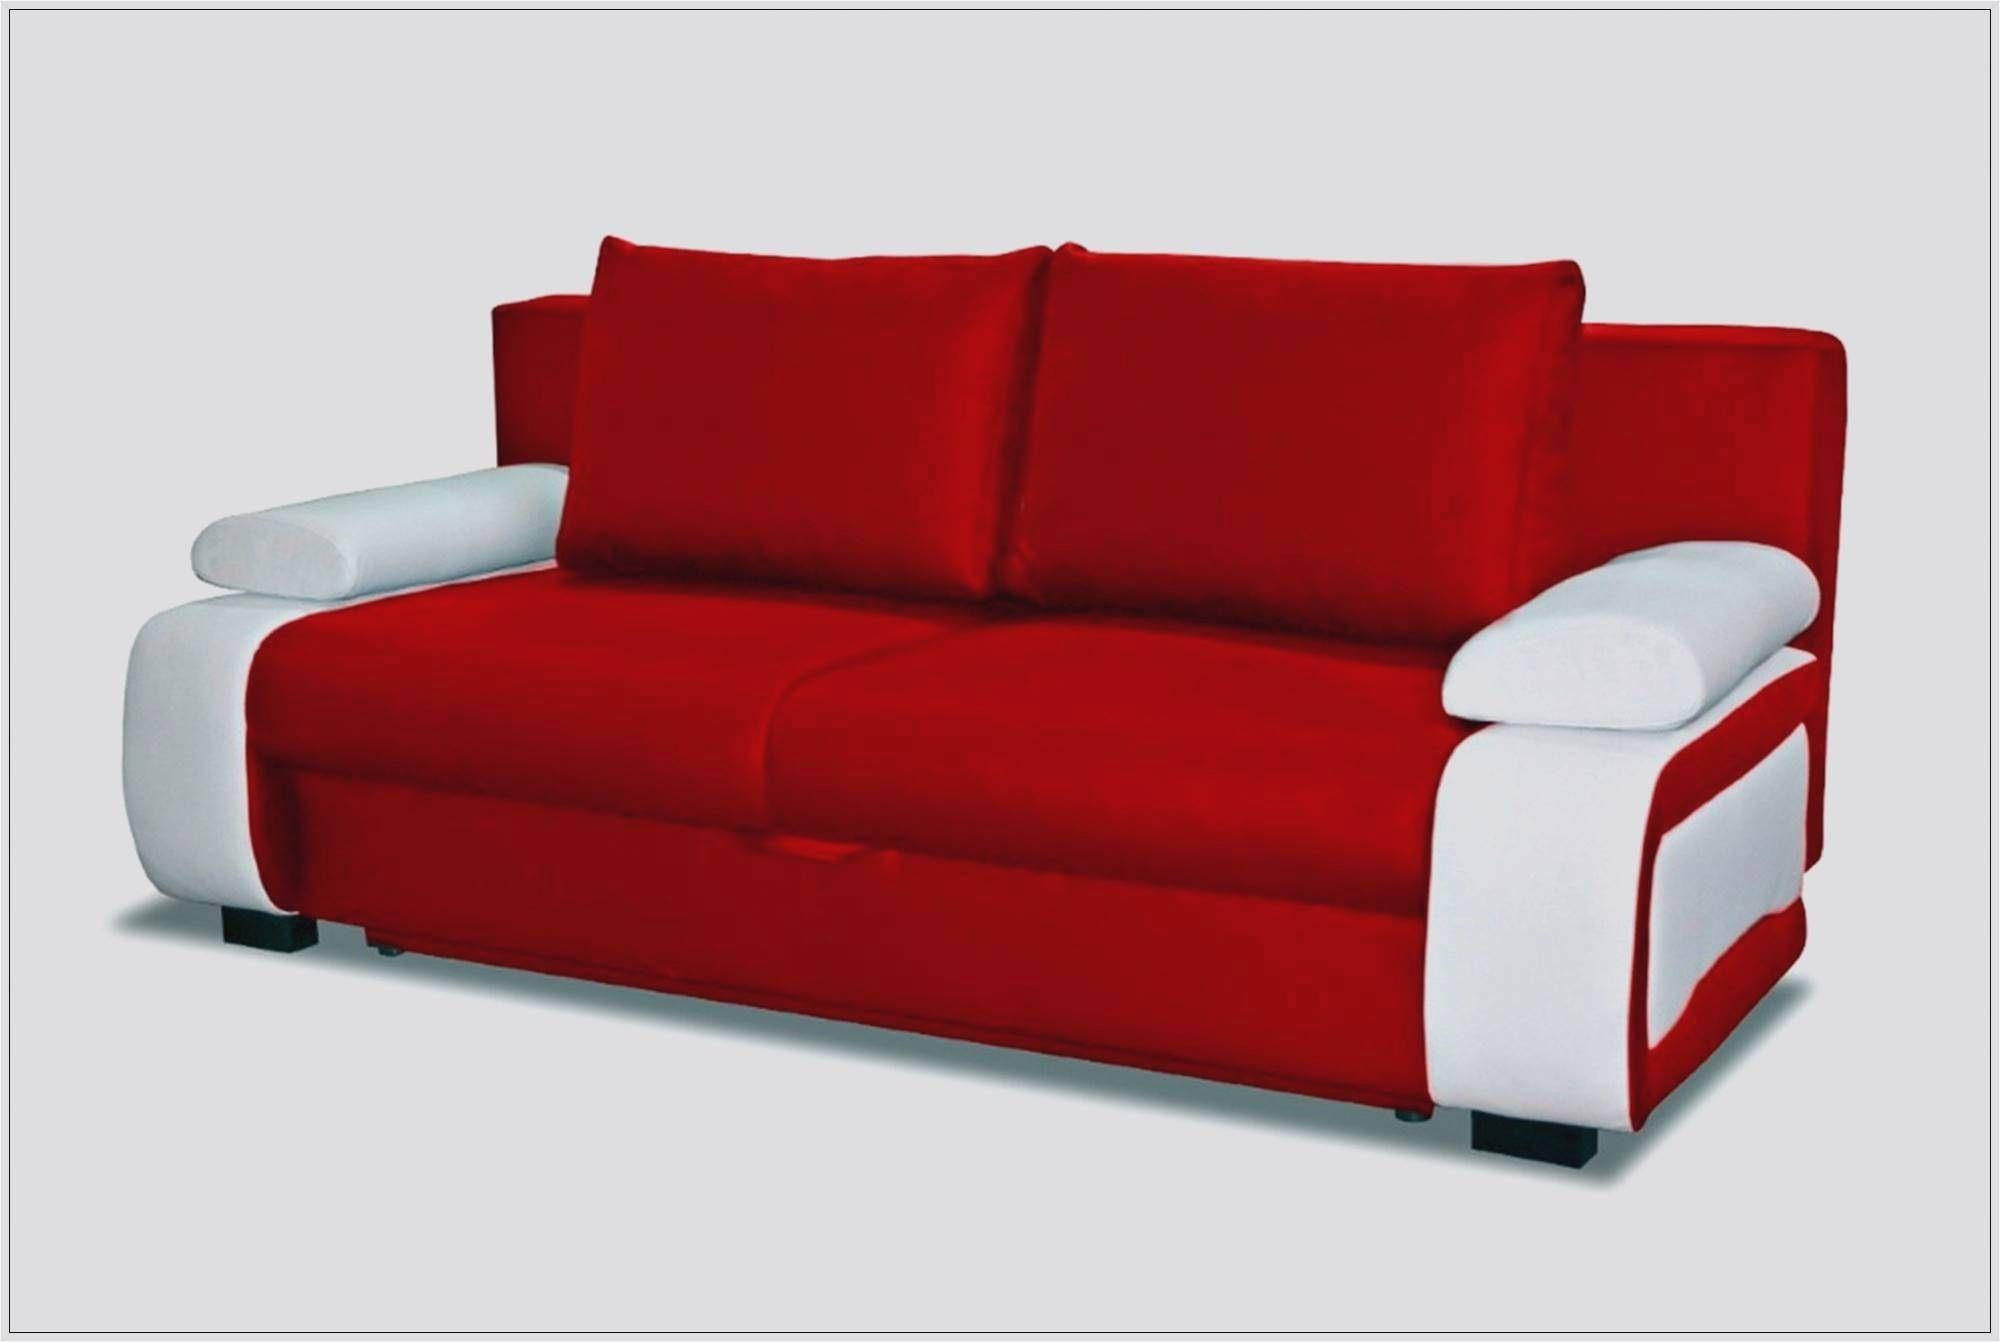 Lit Clic Clac Ikea Inspiré Banquette Lit Alinea Inspirant Ikea Lit 2 Places 24 Alinea Canap